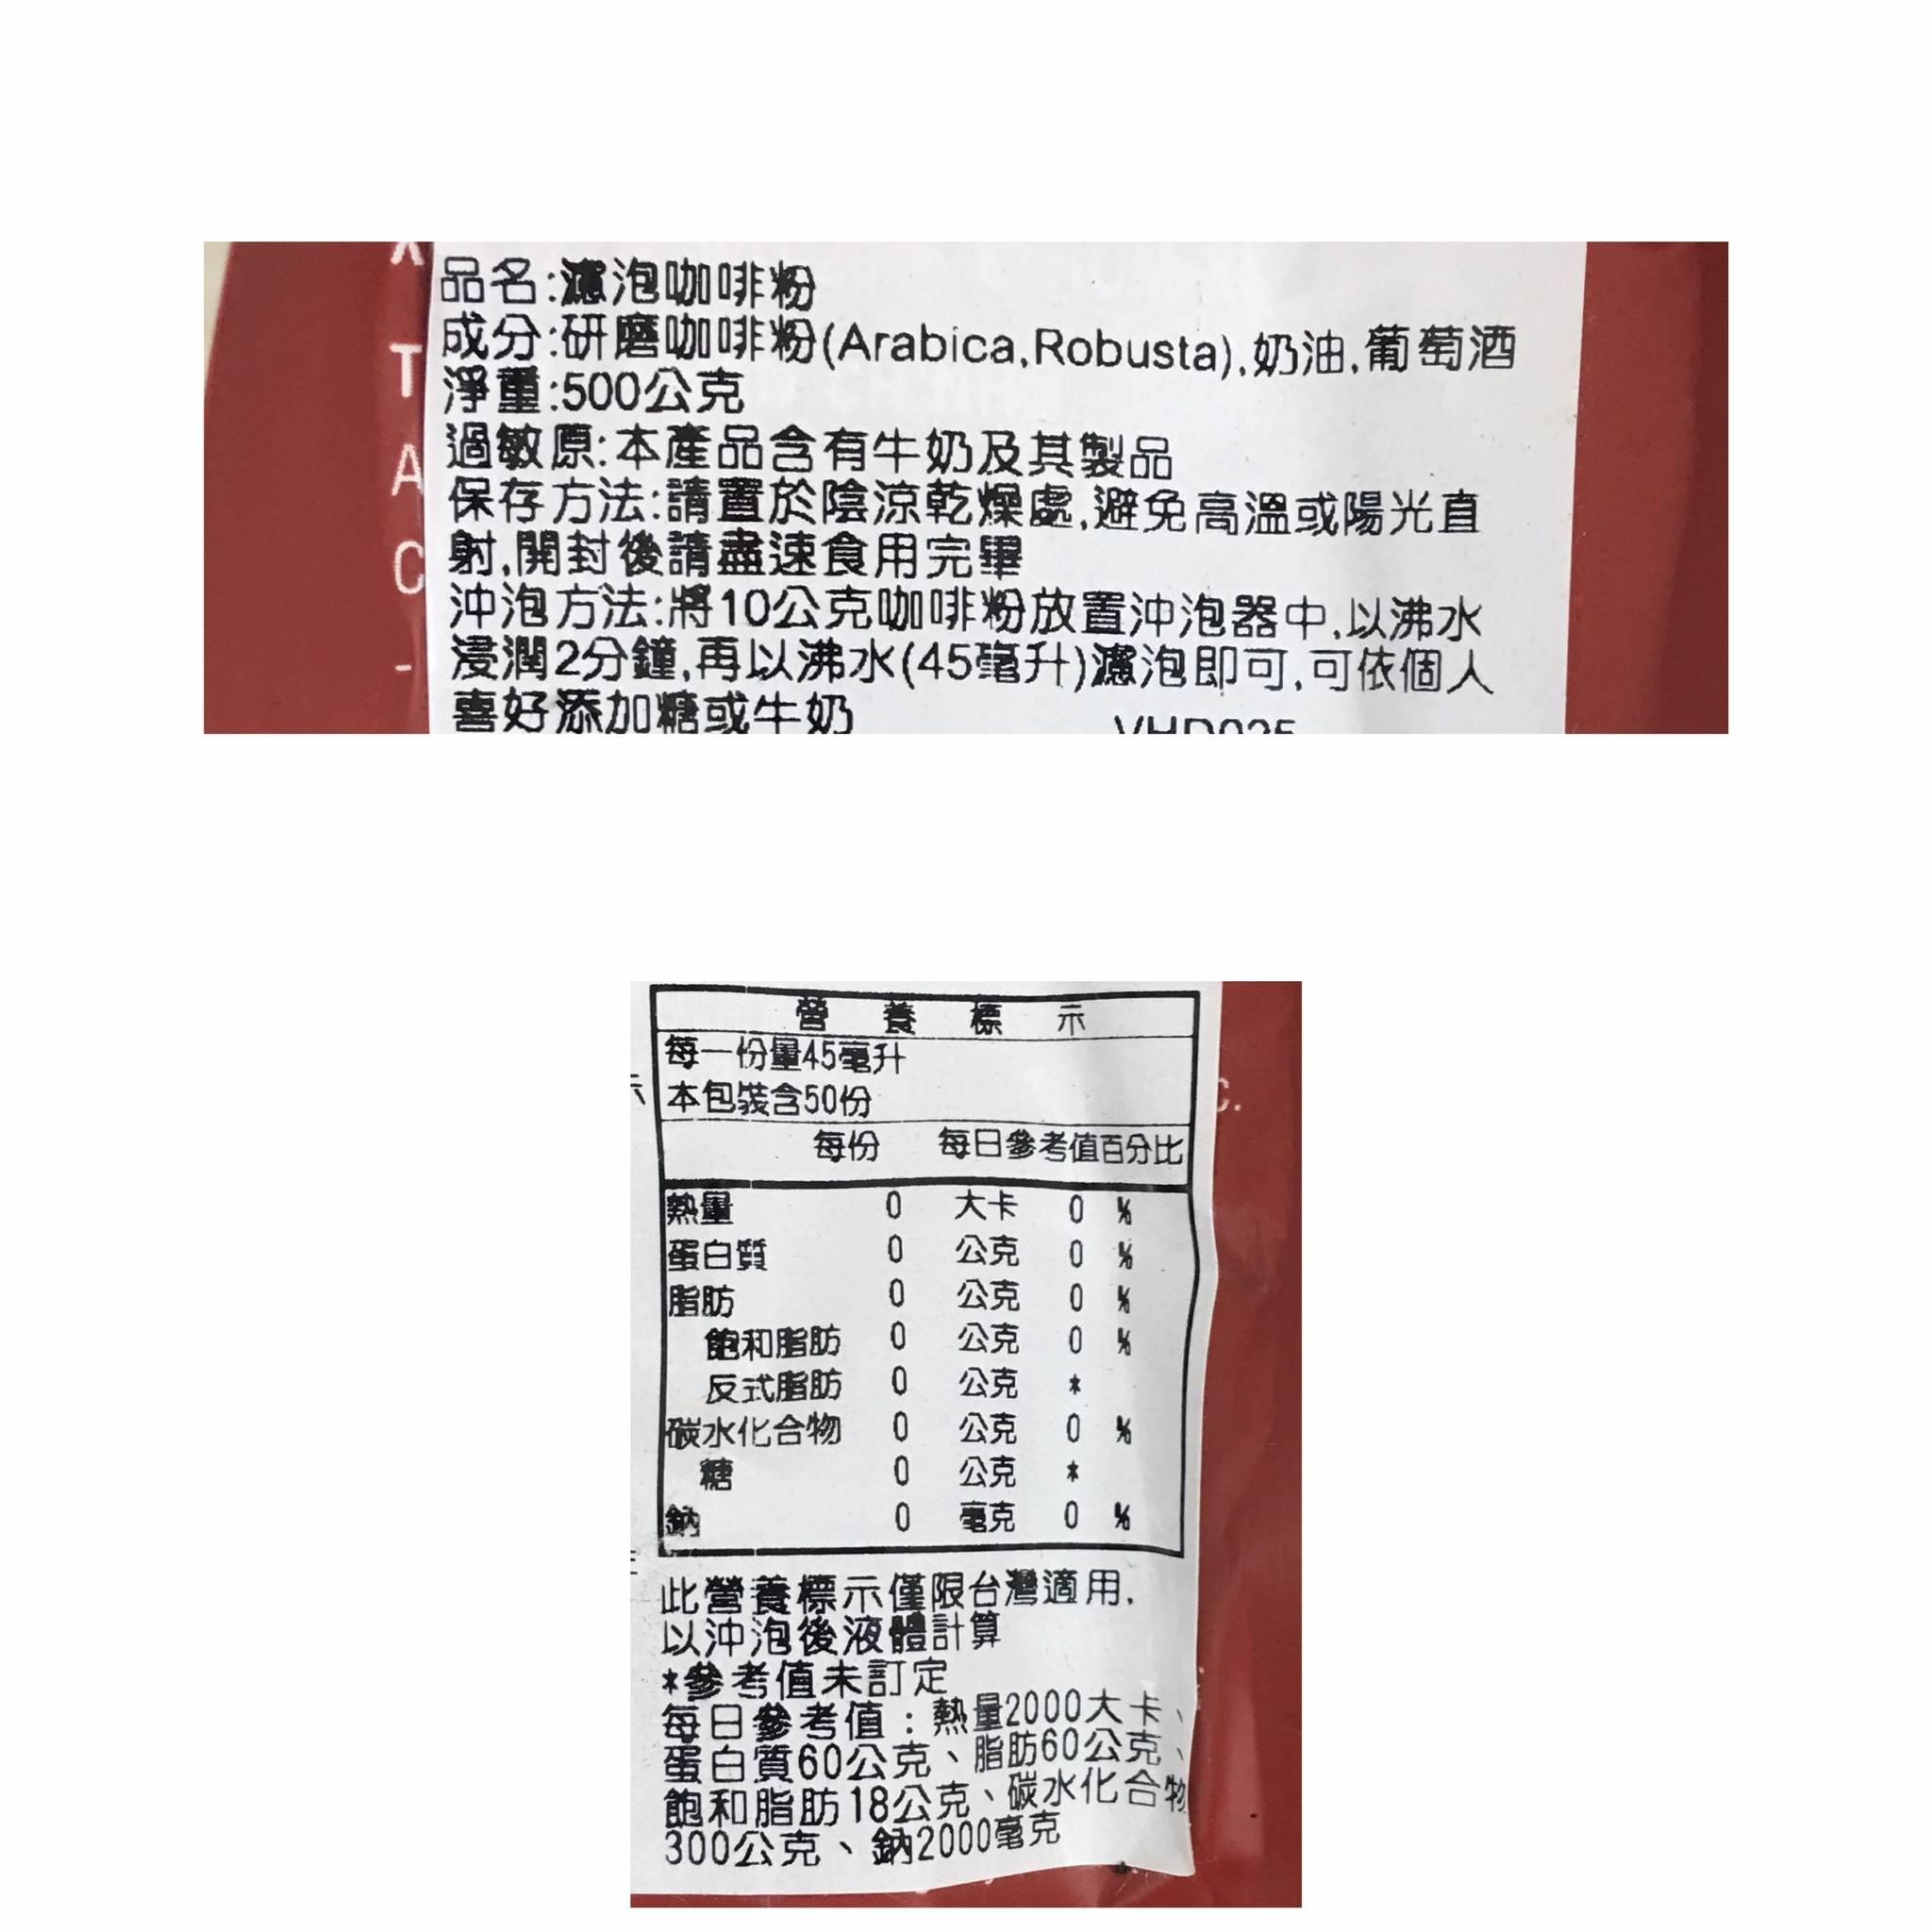 越南 DiLinh 濾泡 咖啡粉500克